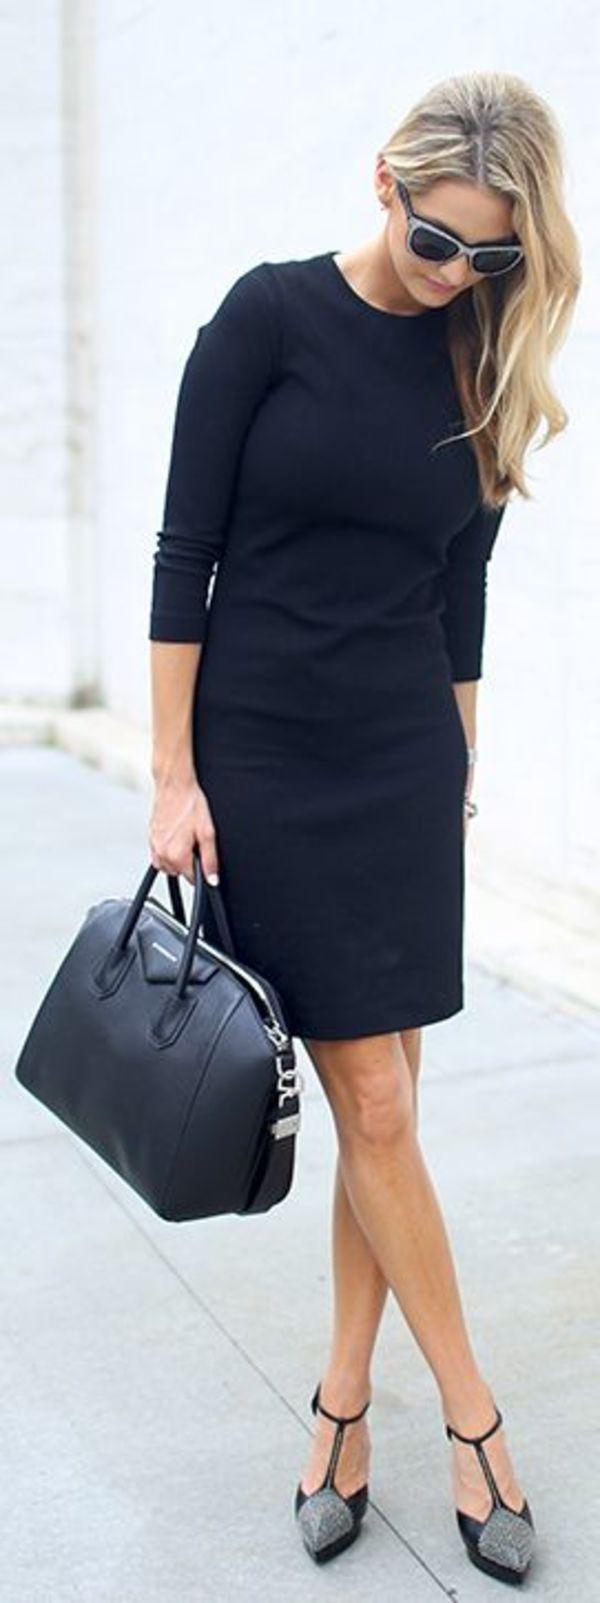 シンプル上品な七分袖ネイビーワンピ♡ 入園式におすすめのコーデやファッションスタイルのアイデア。